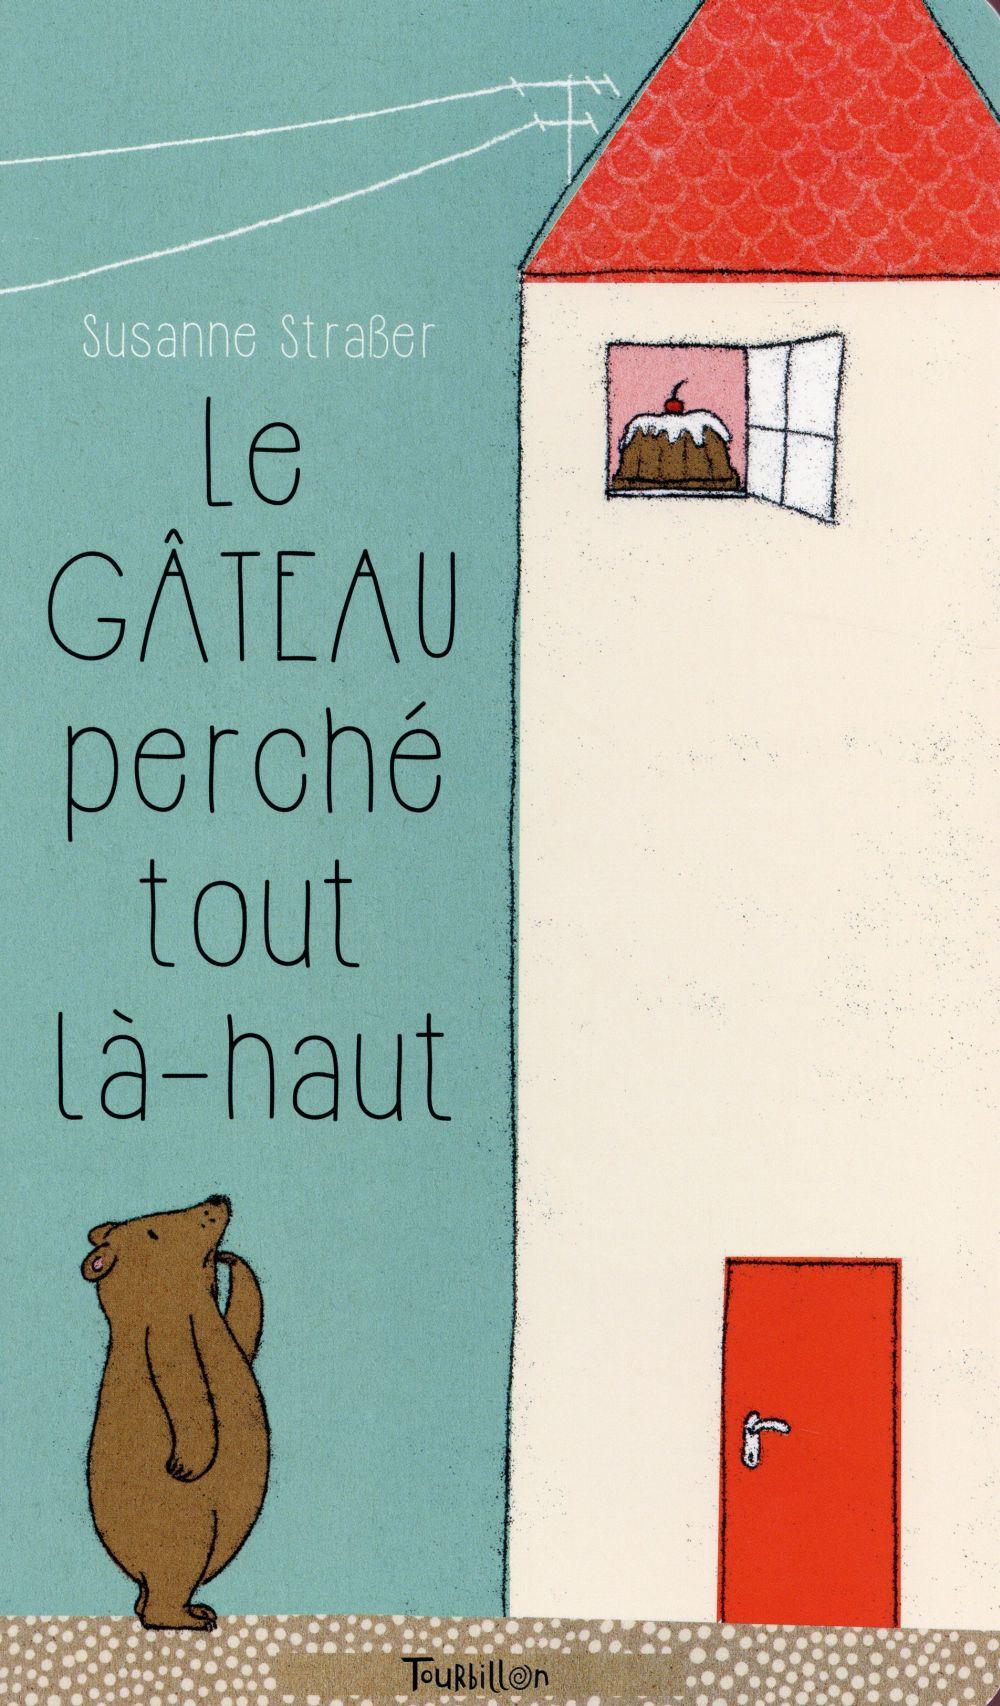 LE GATEAU PERCHE TOUT LA-HAUT